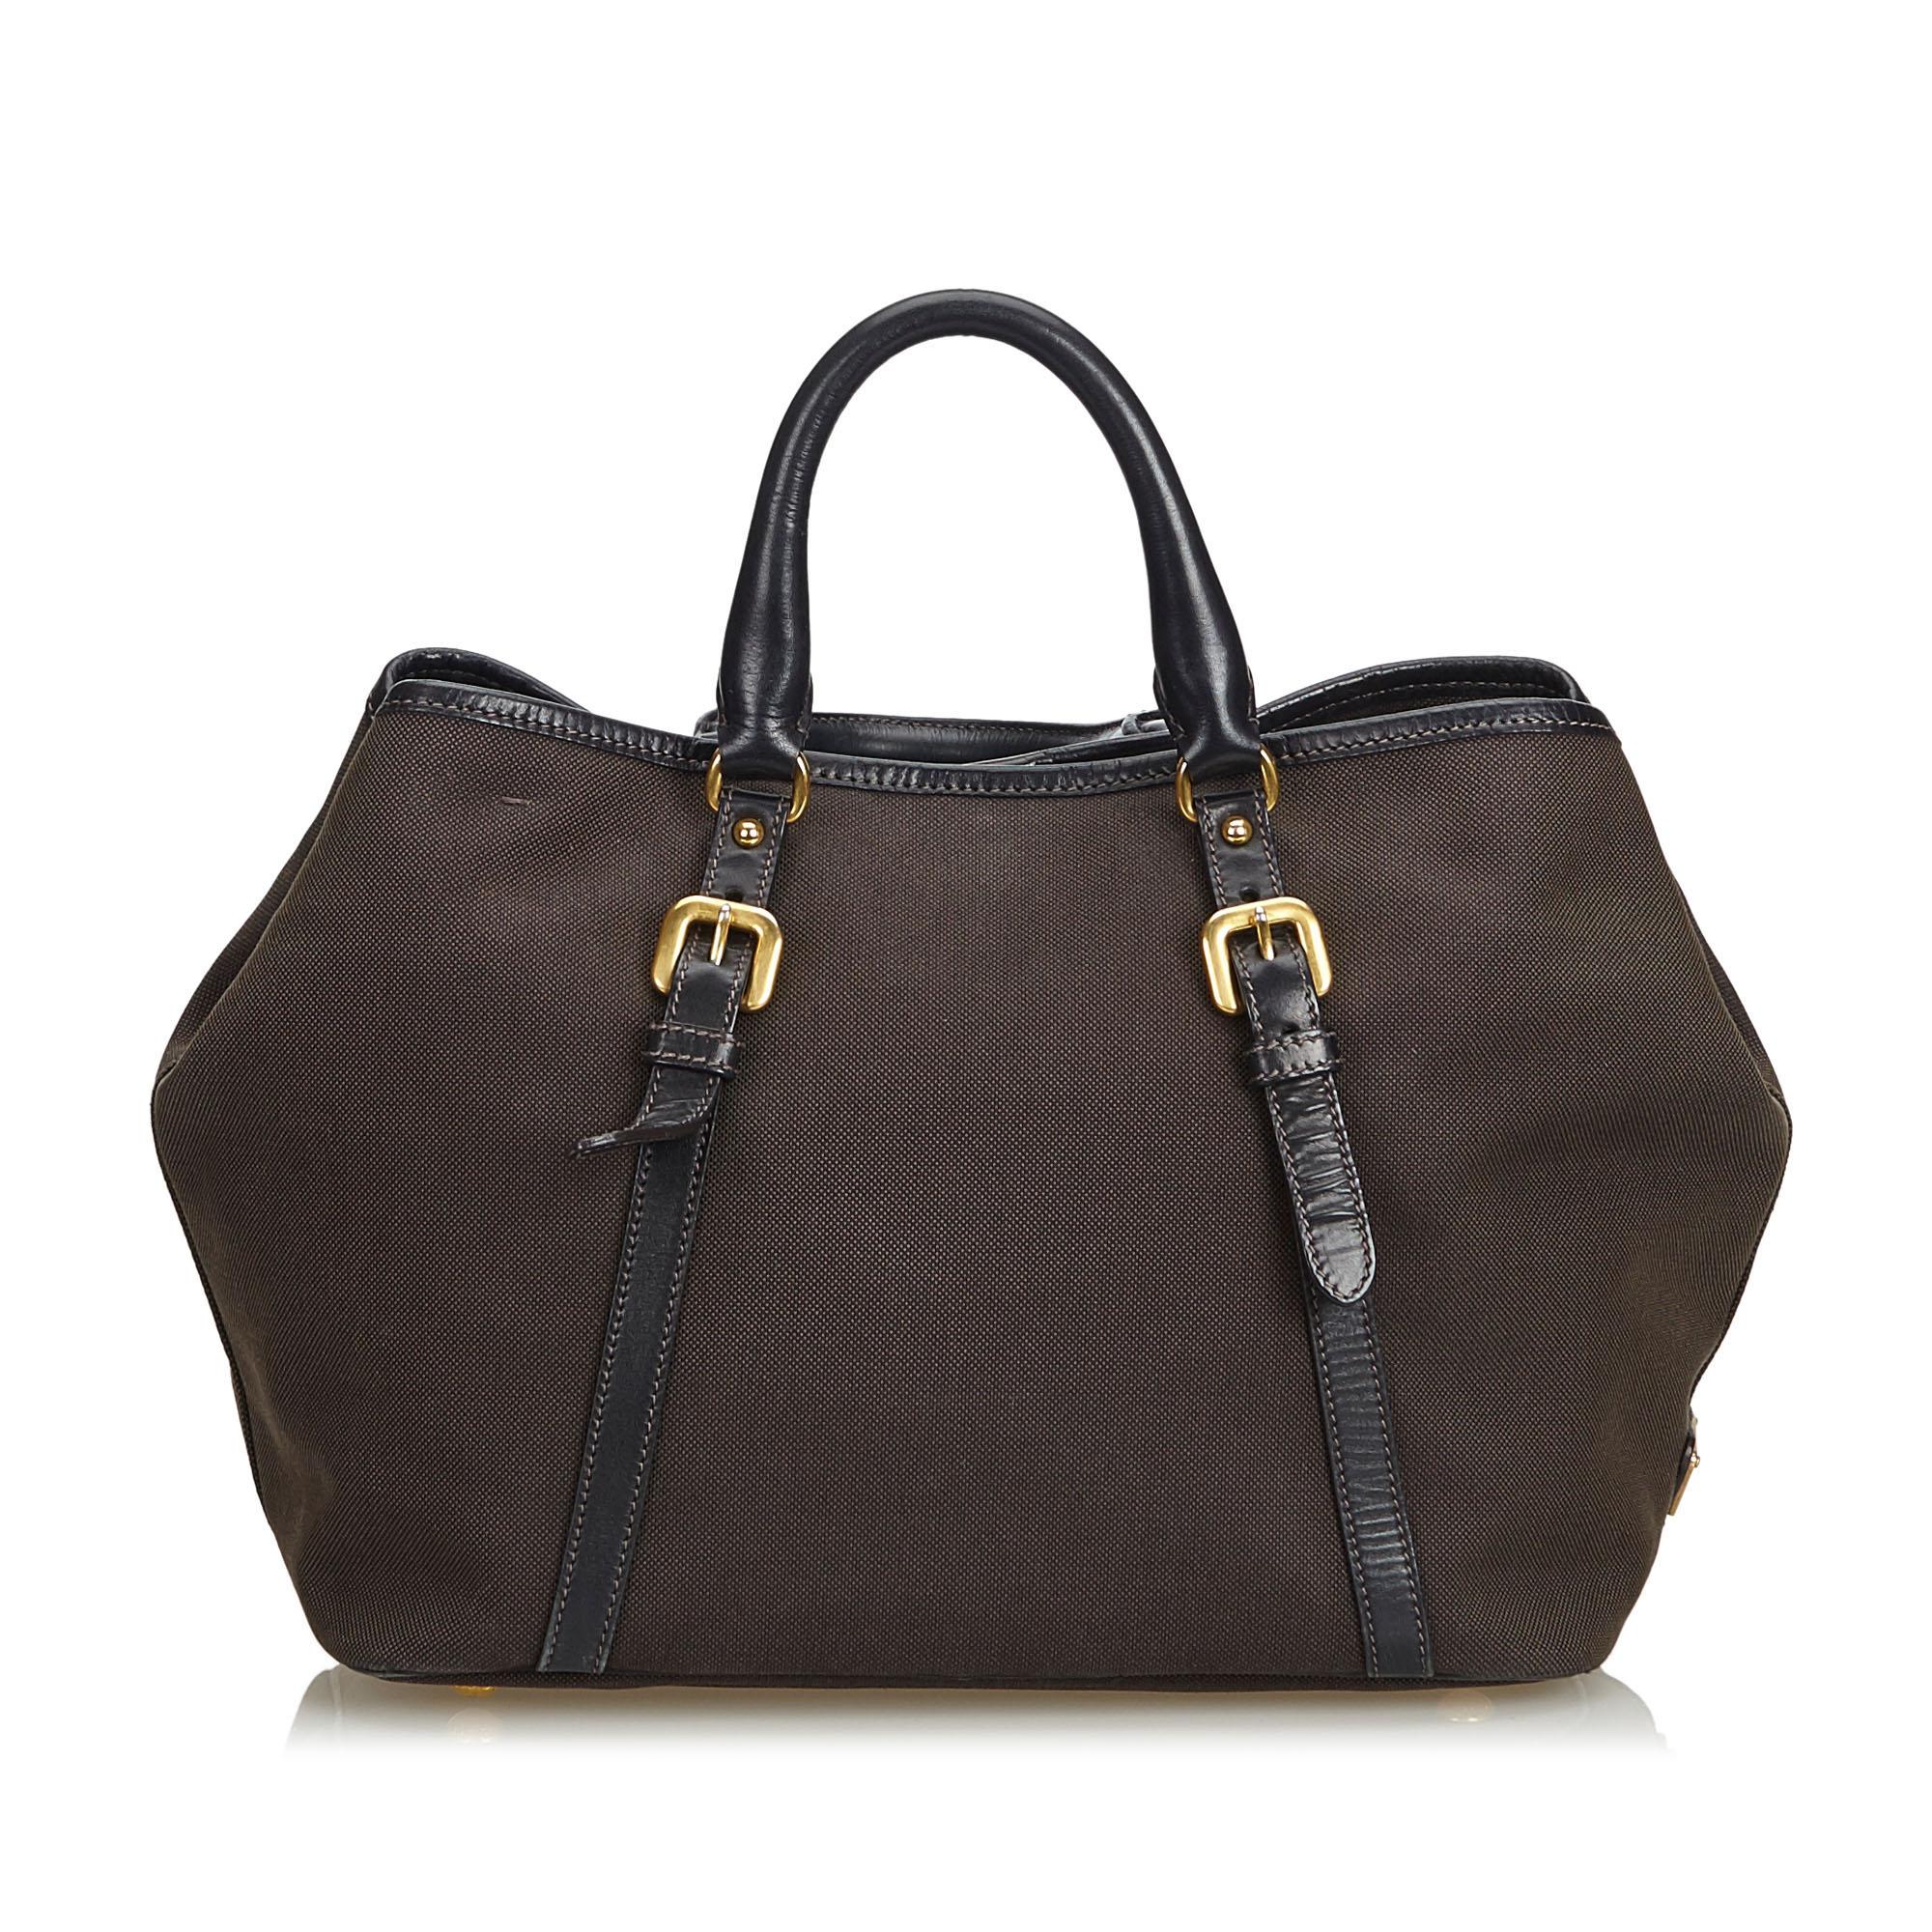 Prada Brown Canapa Fabric Tote Bag